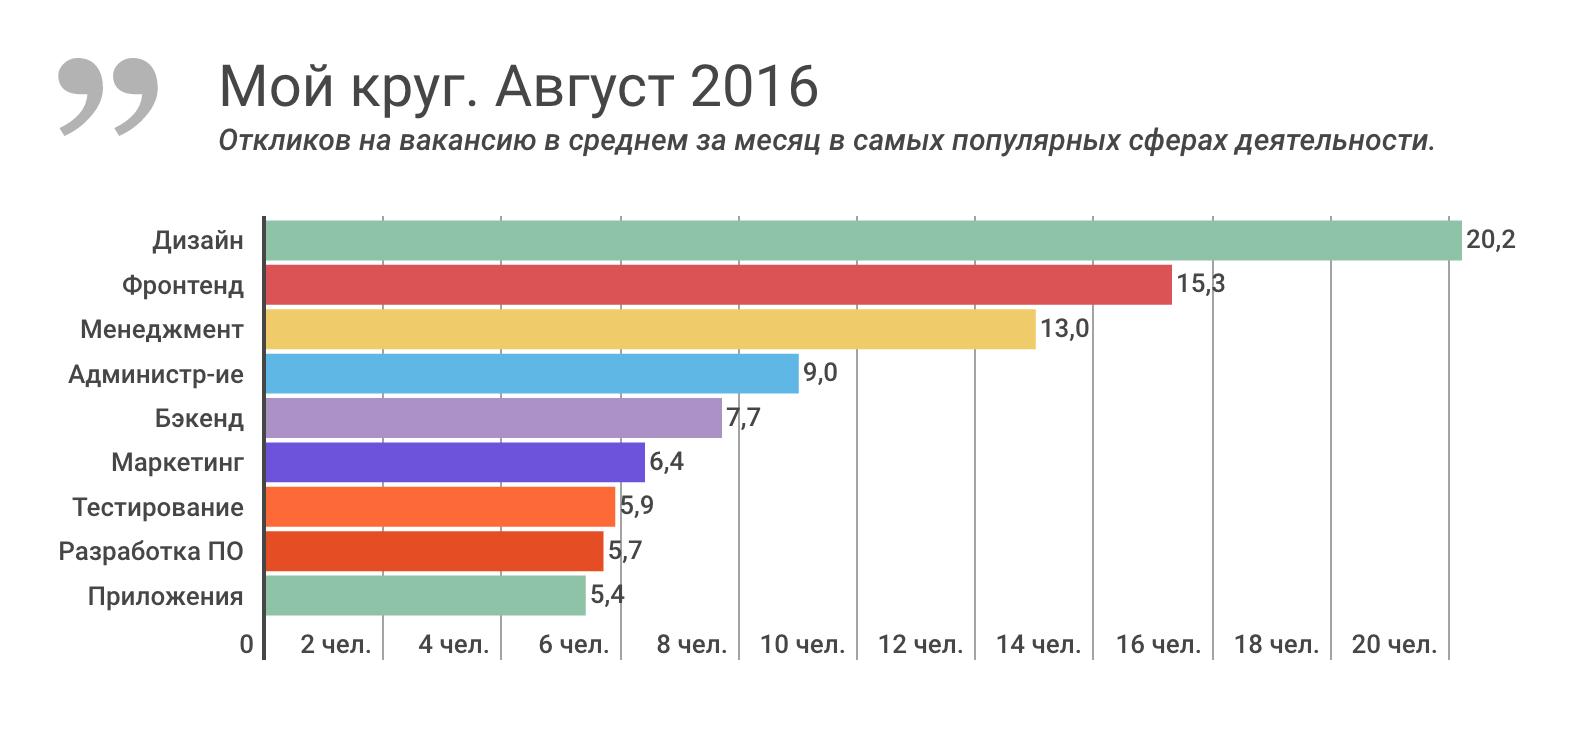 Отчет о результатах «Моего круга» за август 2016, и самые популярные вакансии месяца - 1